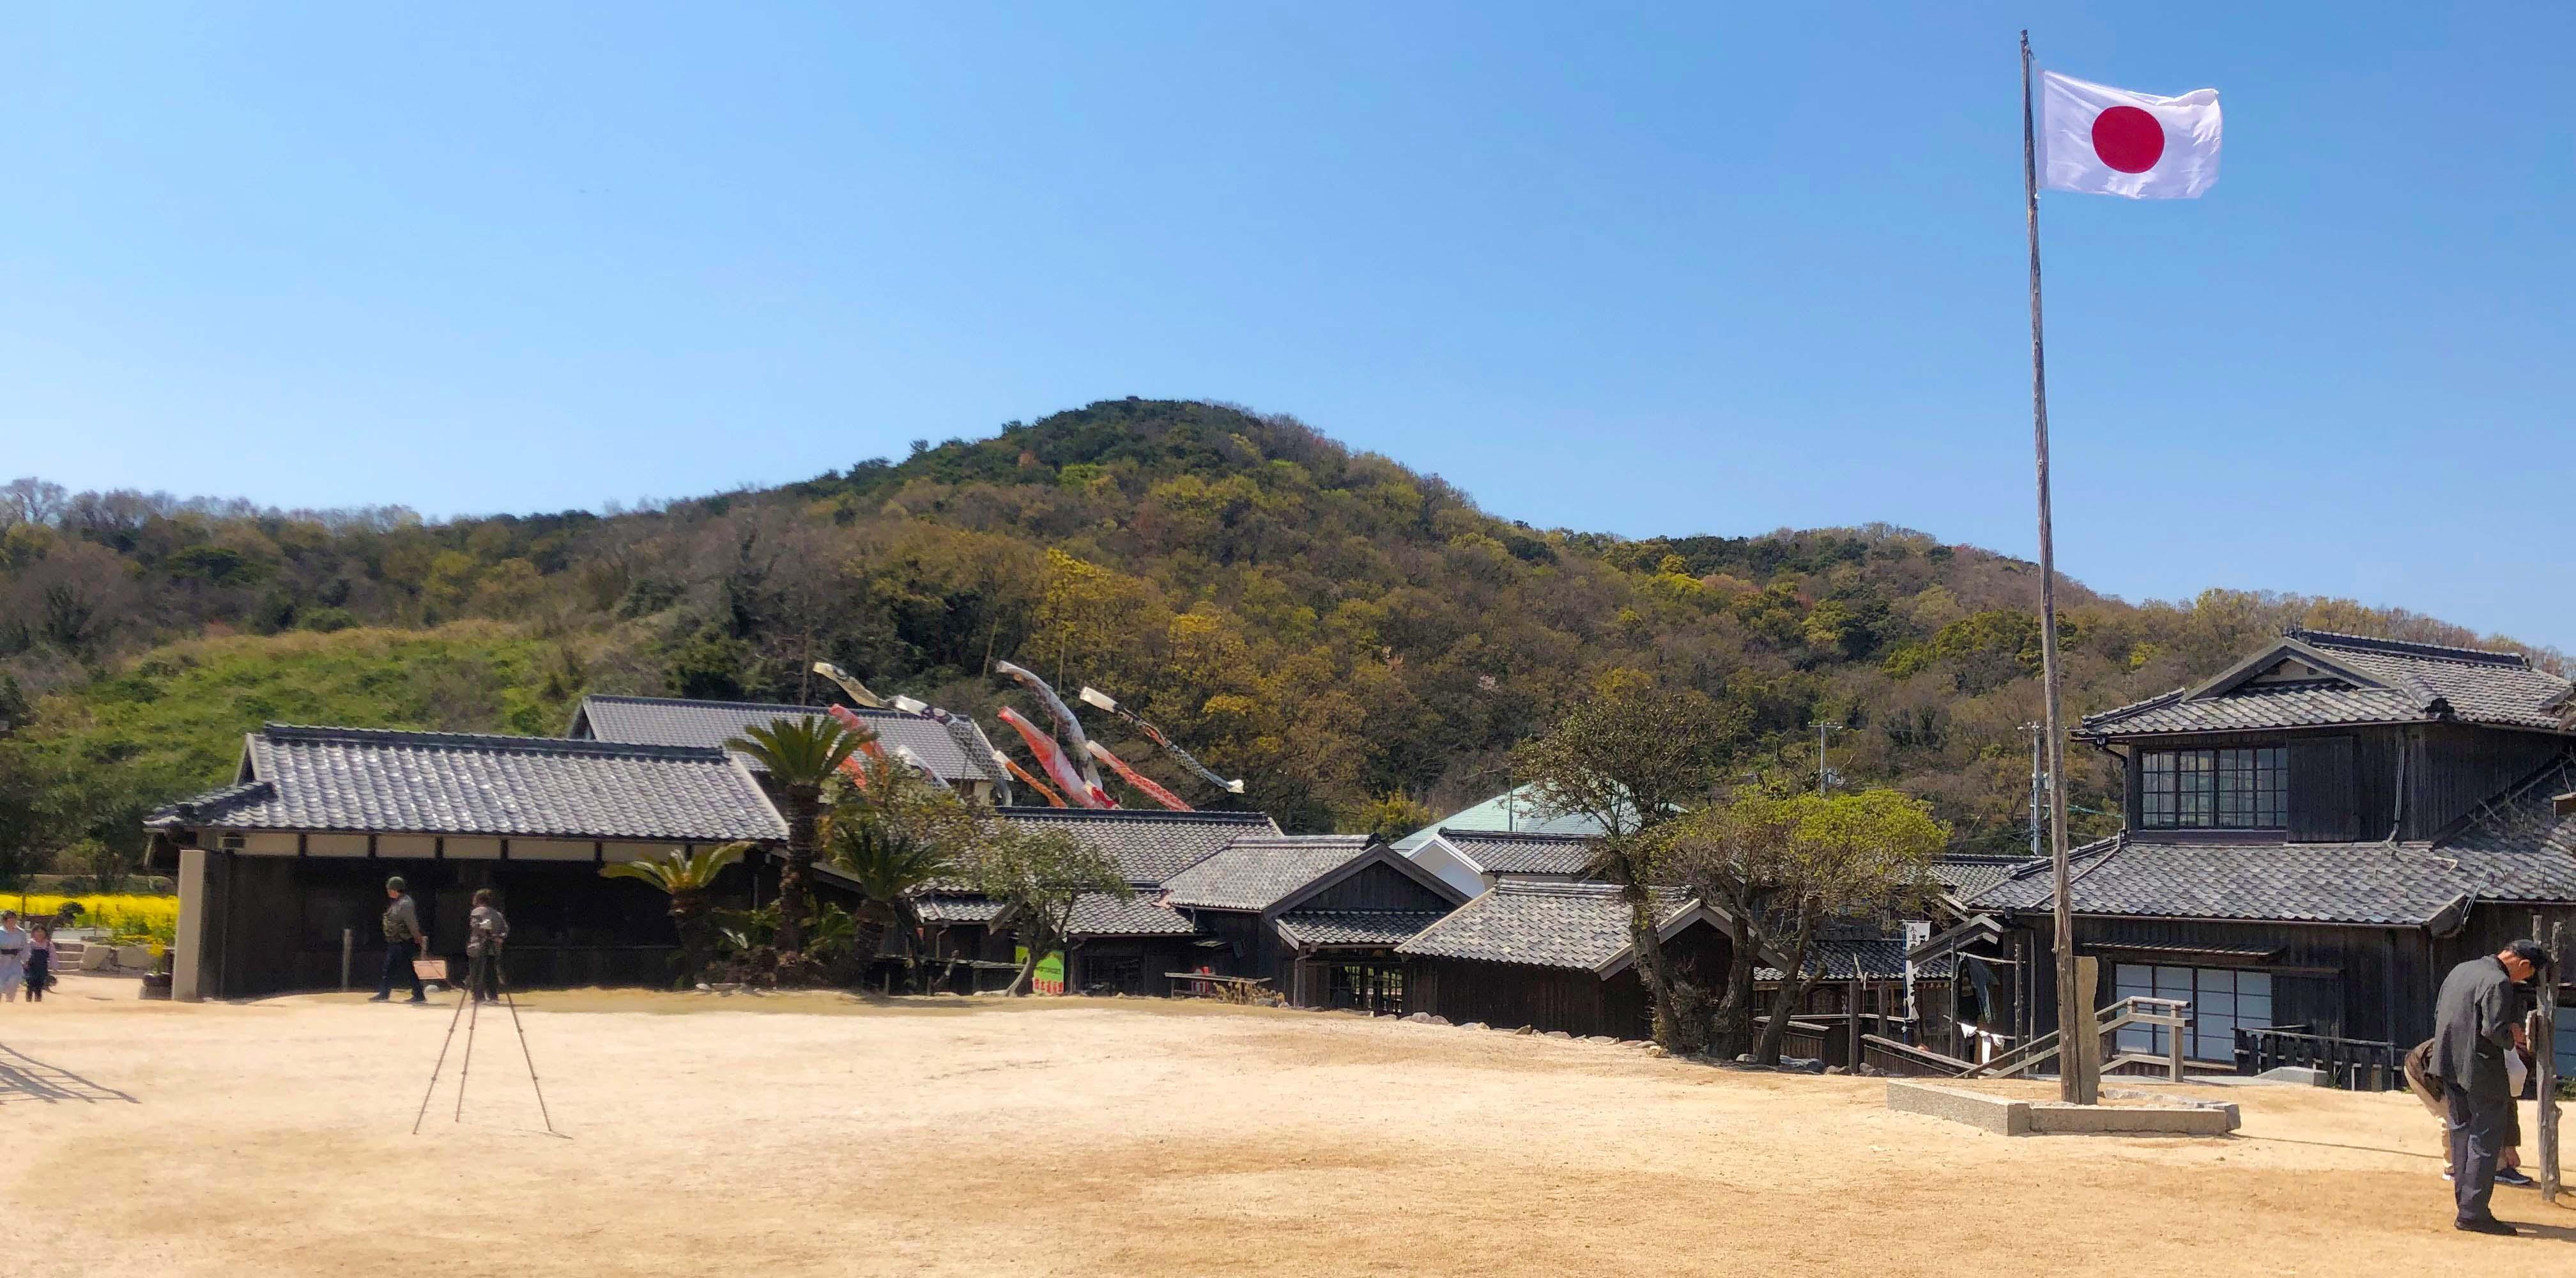 香川 小豆島『二十四の瞳』と寒霞渓ツアー催行!